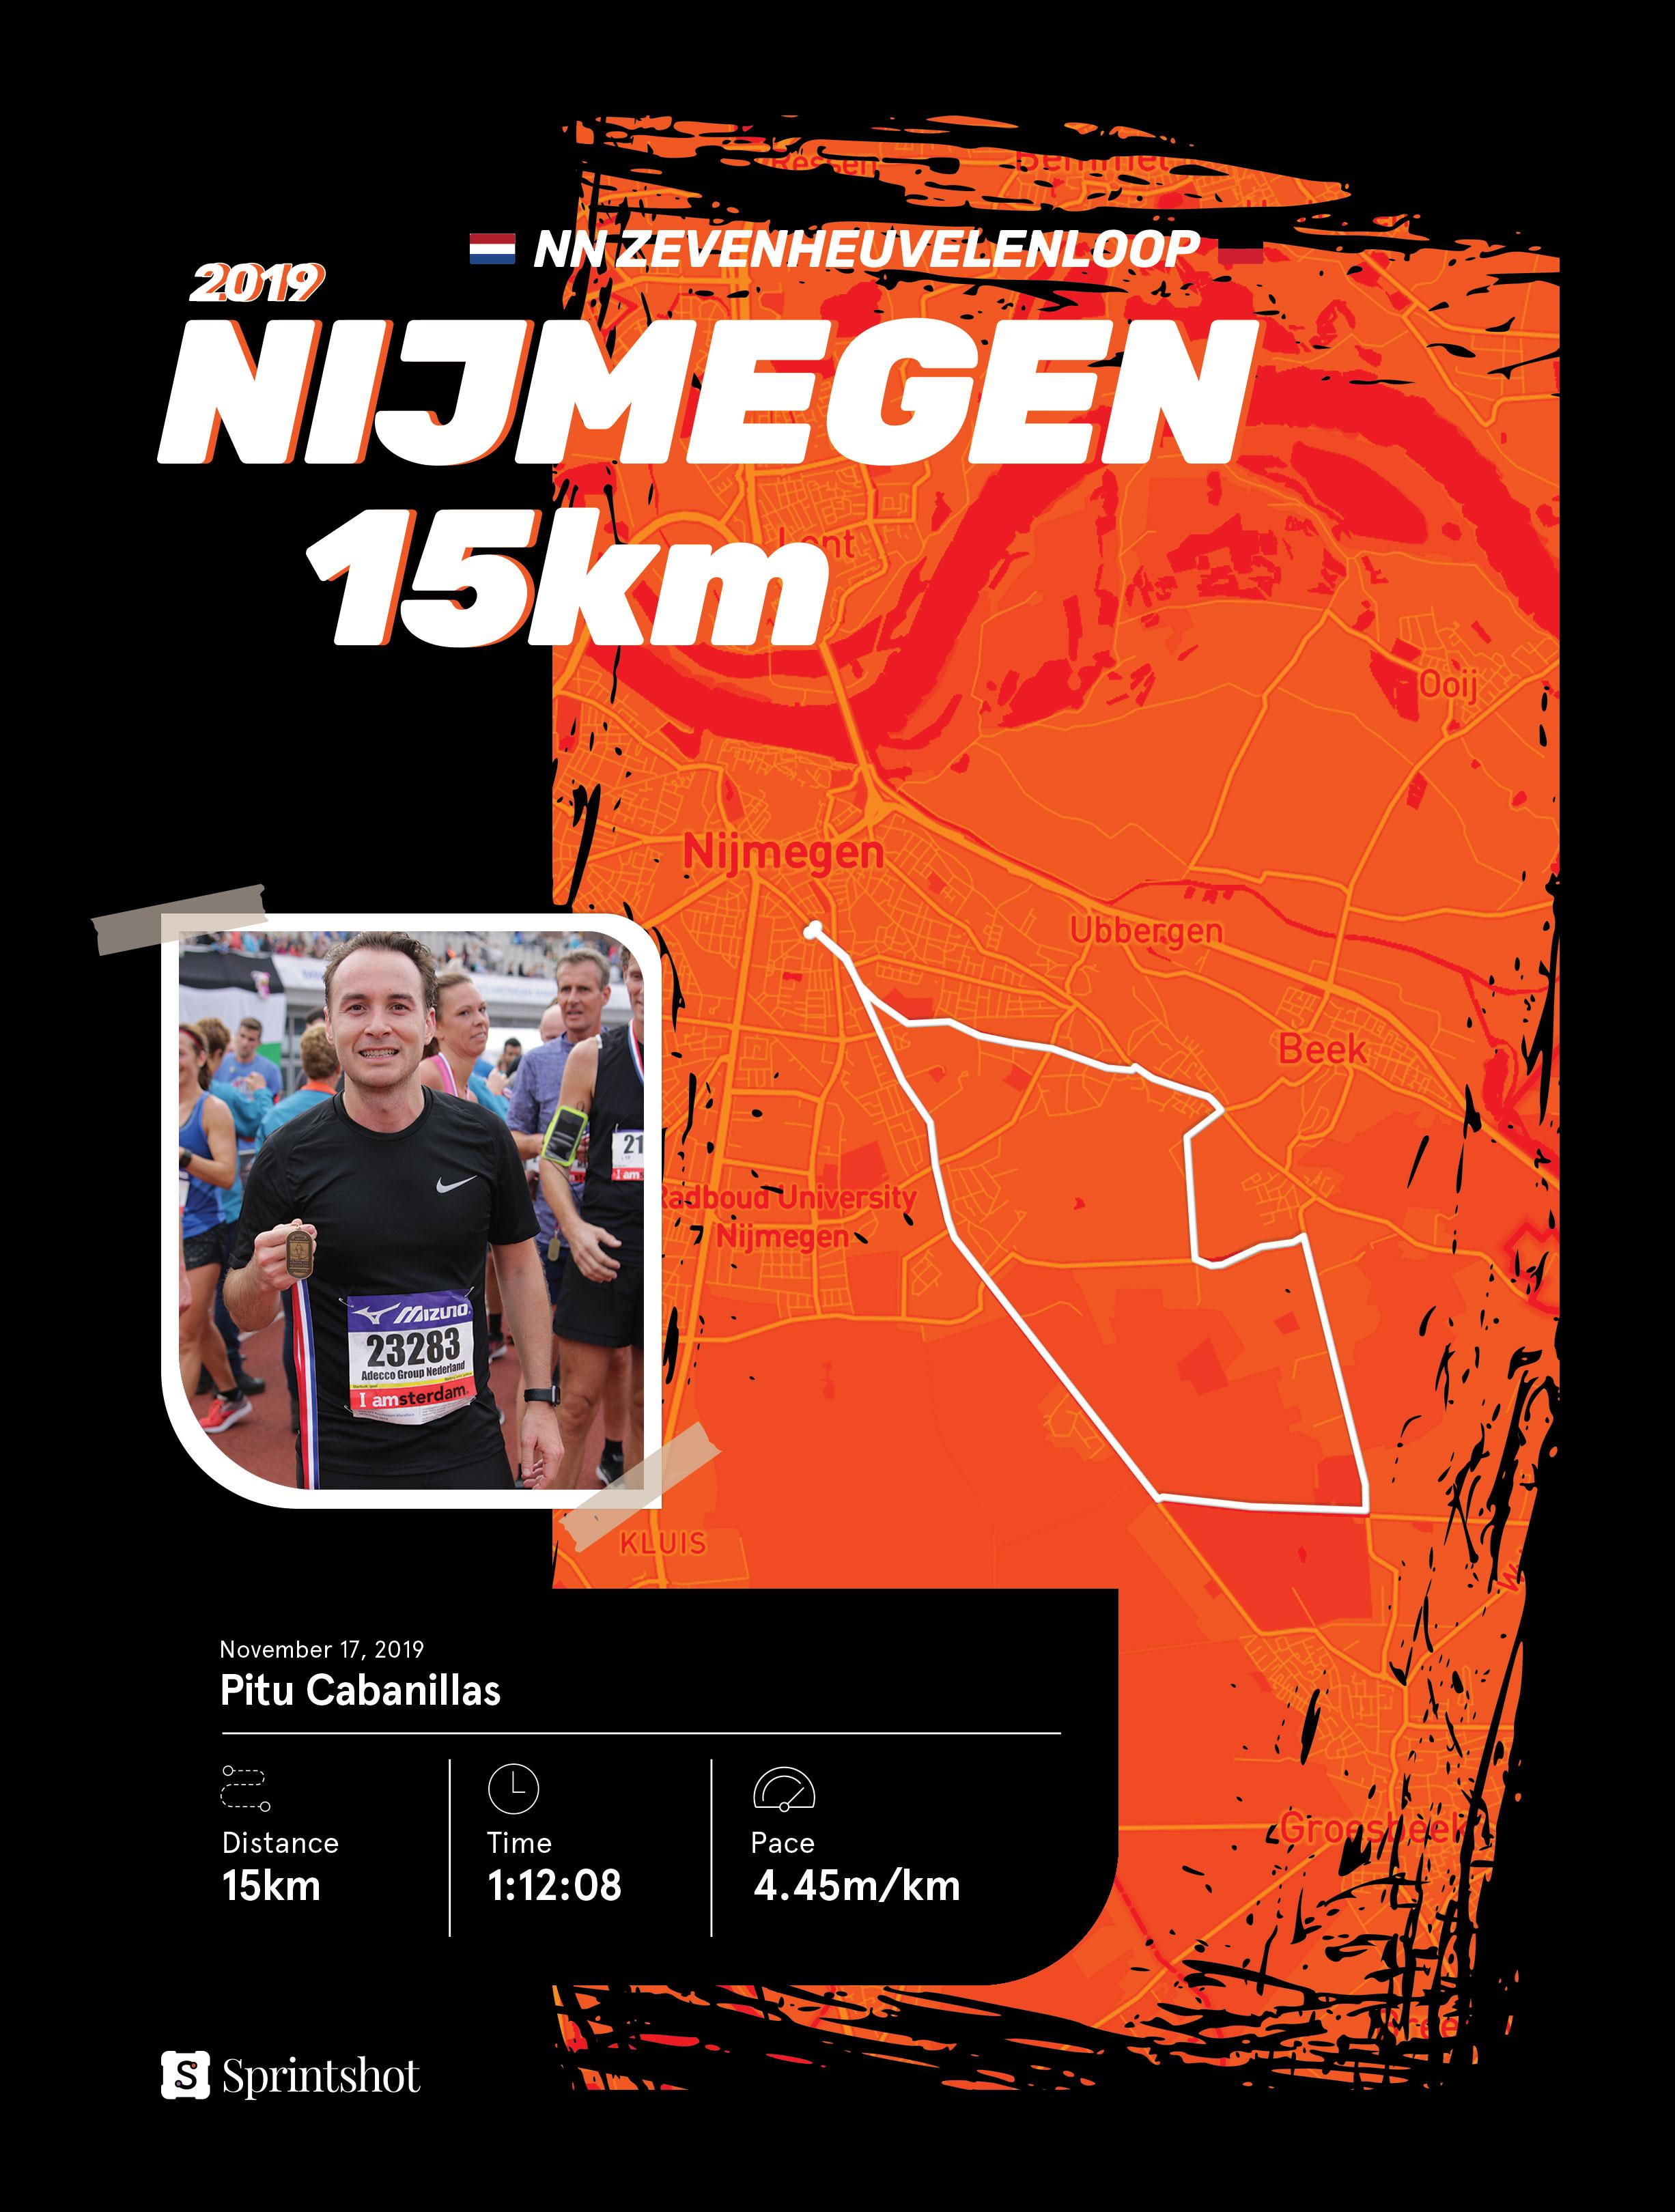 sprintshot-running-create-posters-nnzevenheuvelenloop